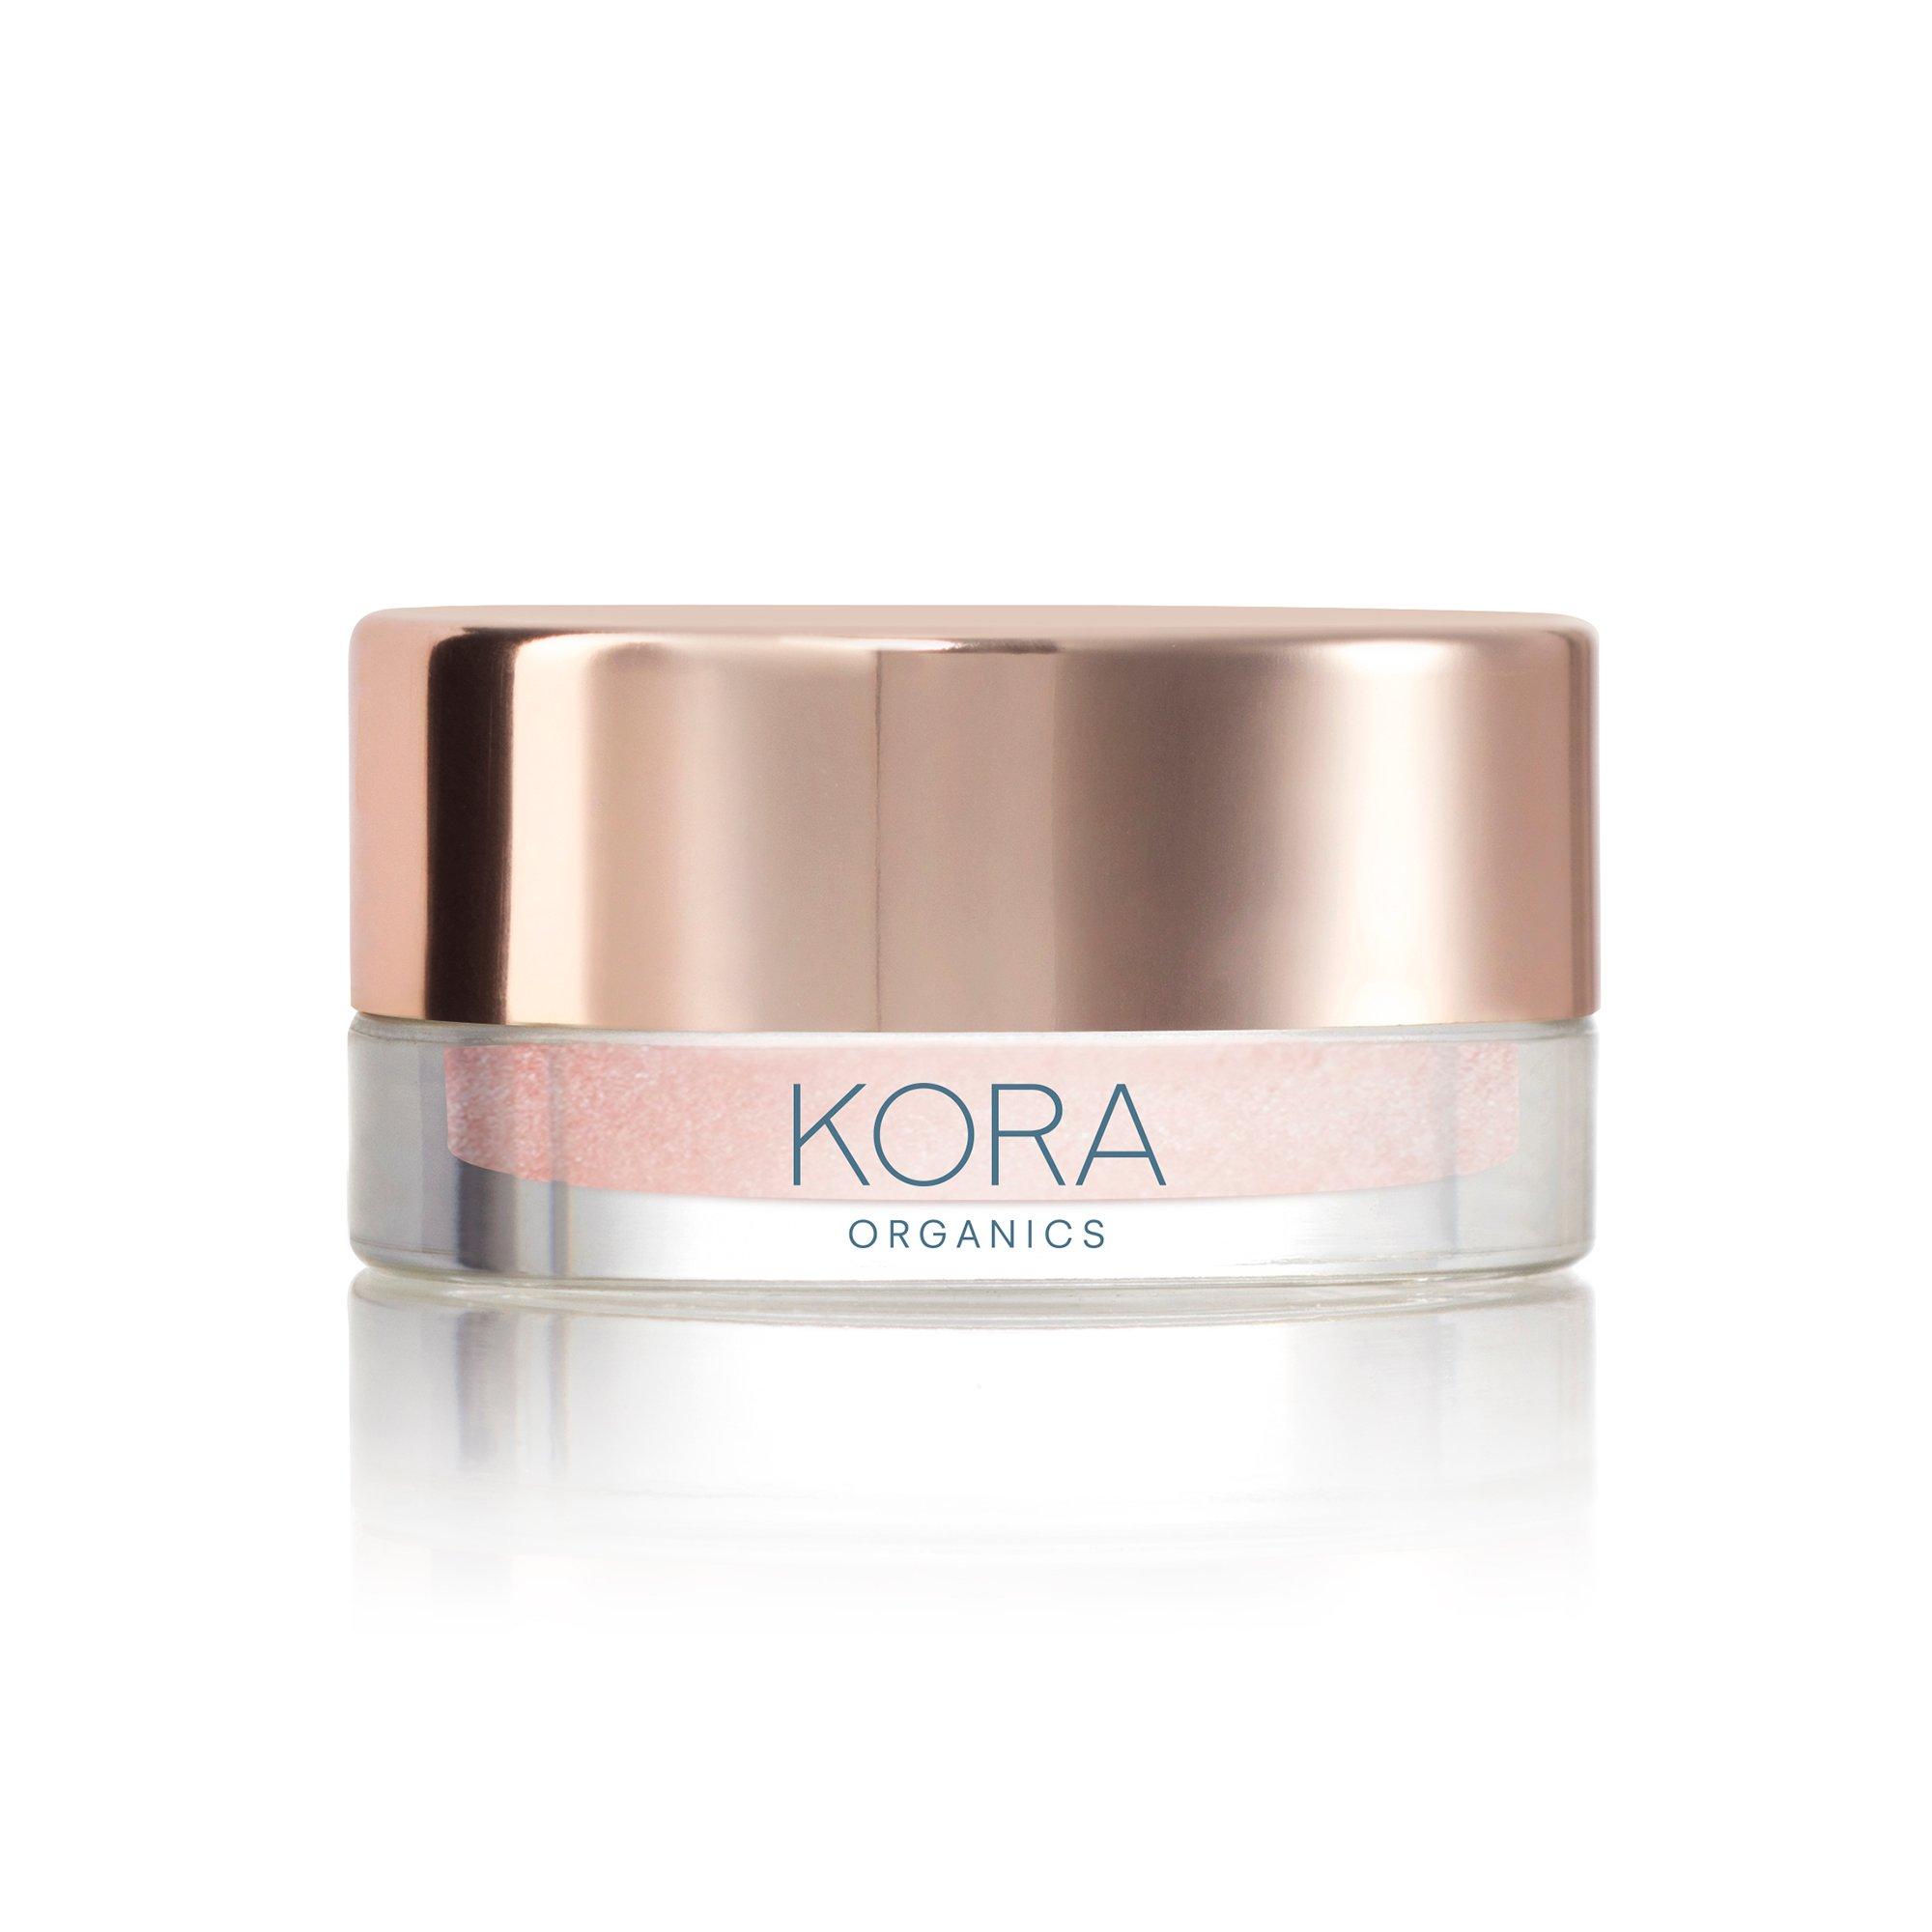 KORA Organics - Rose Quartz Luminizer 7,5 ml